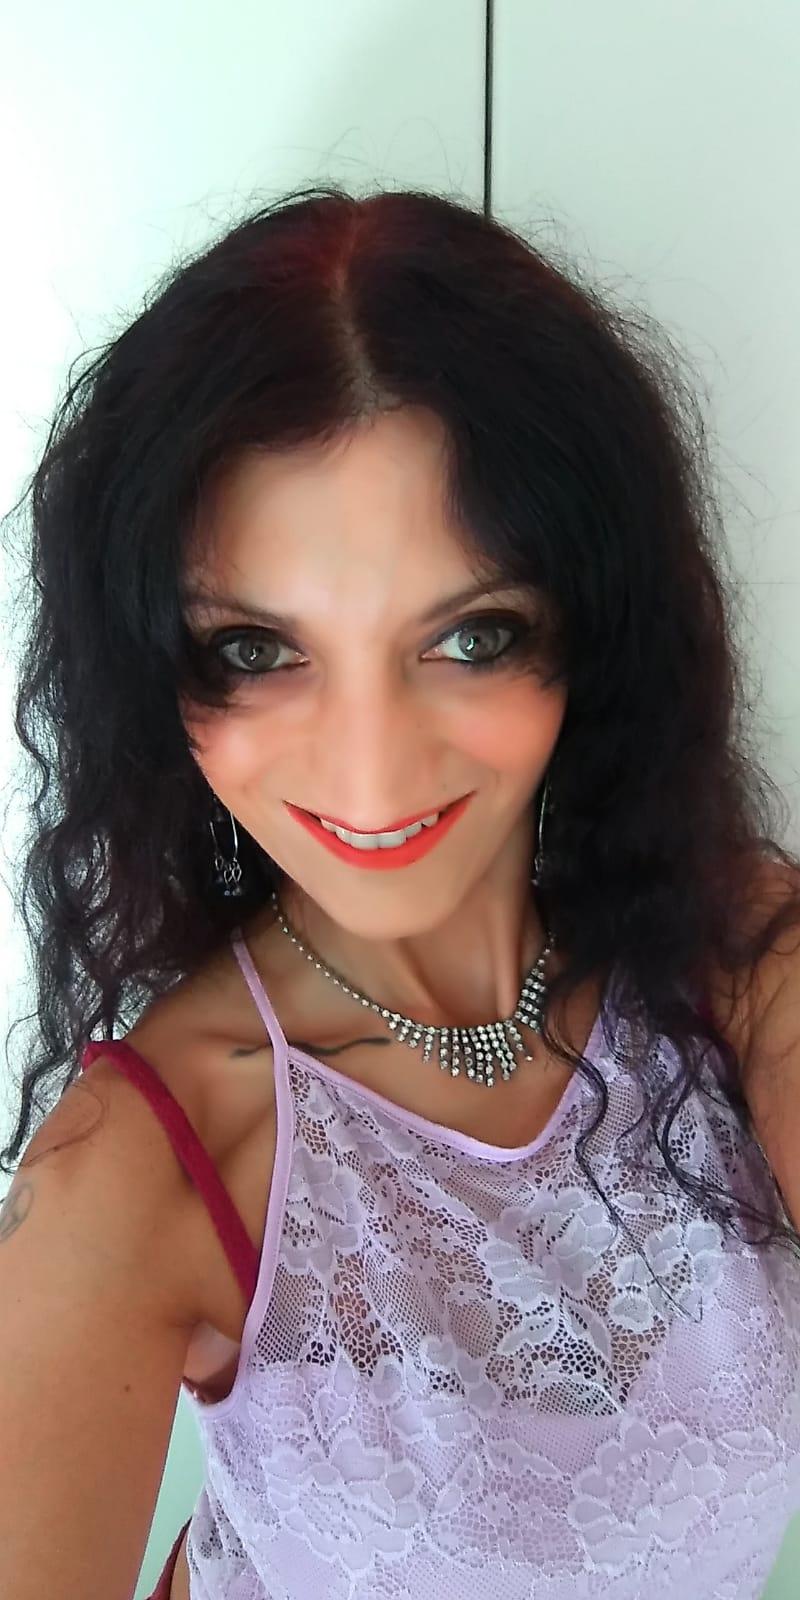 Alessia De Zotti